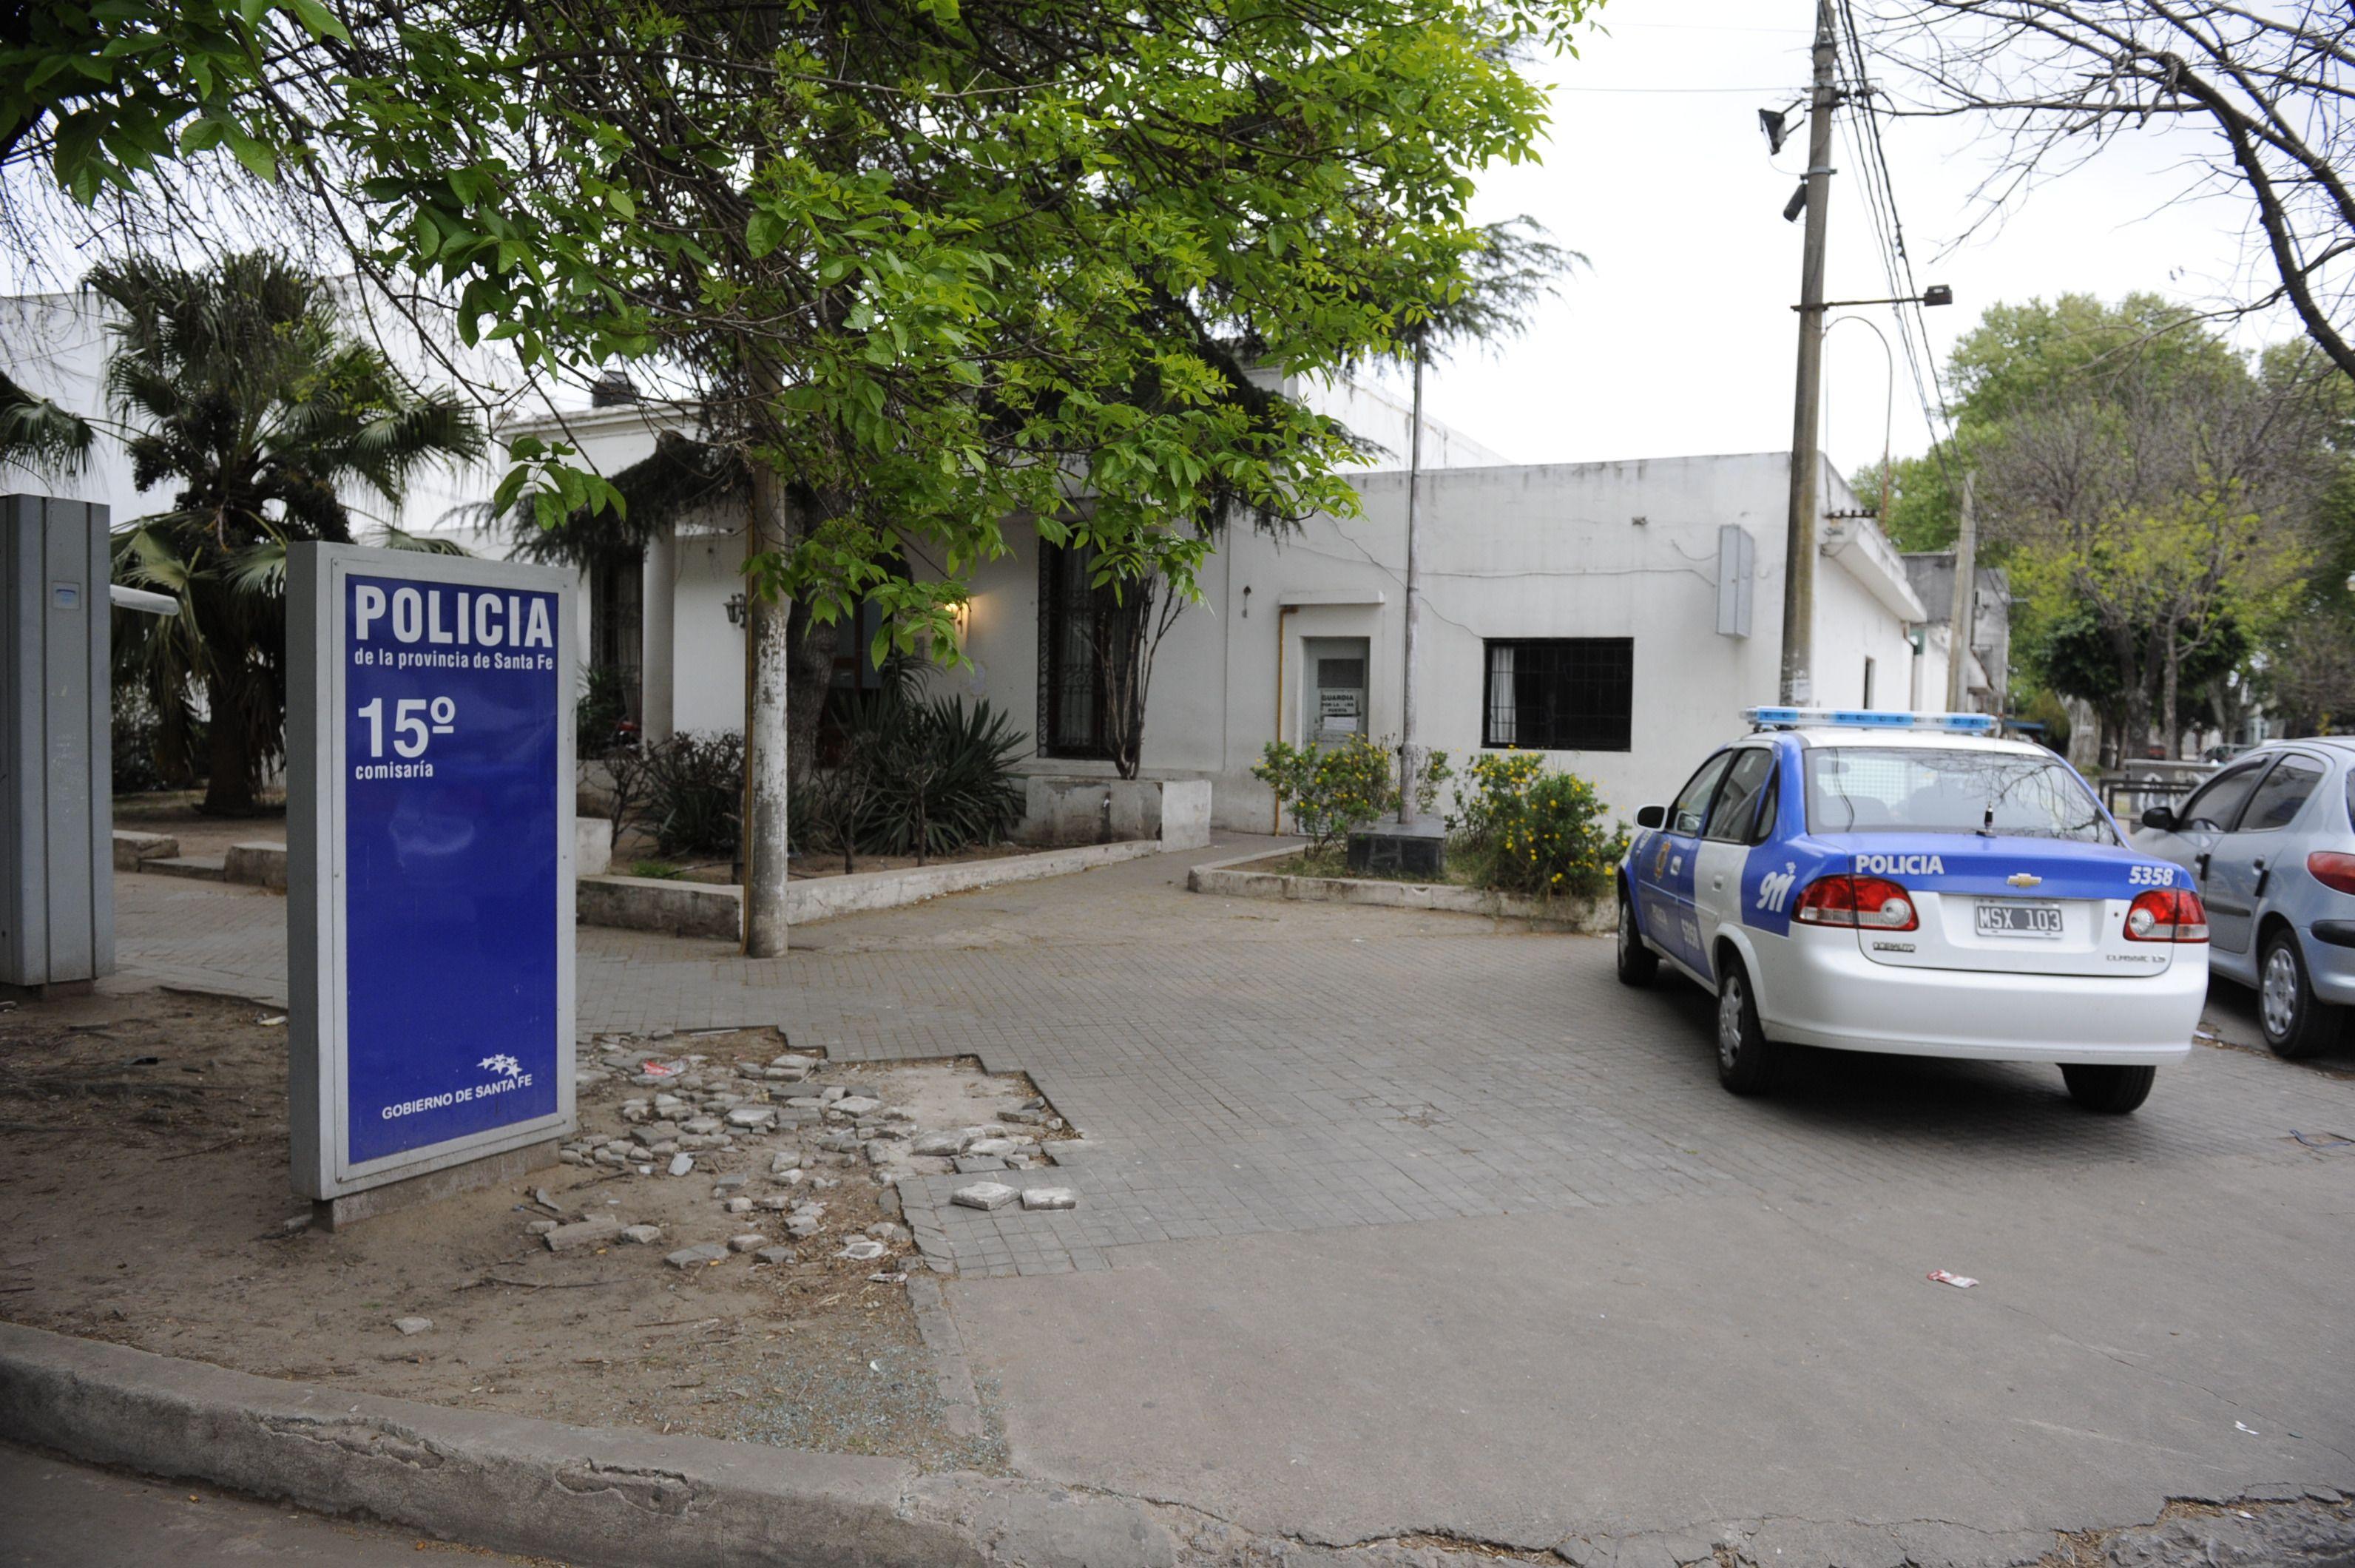 La denuncia del asalto fue radicada en la seccional 15ª de policía